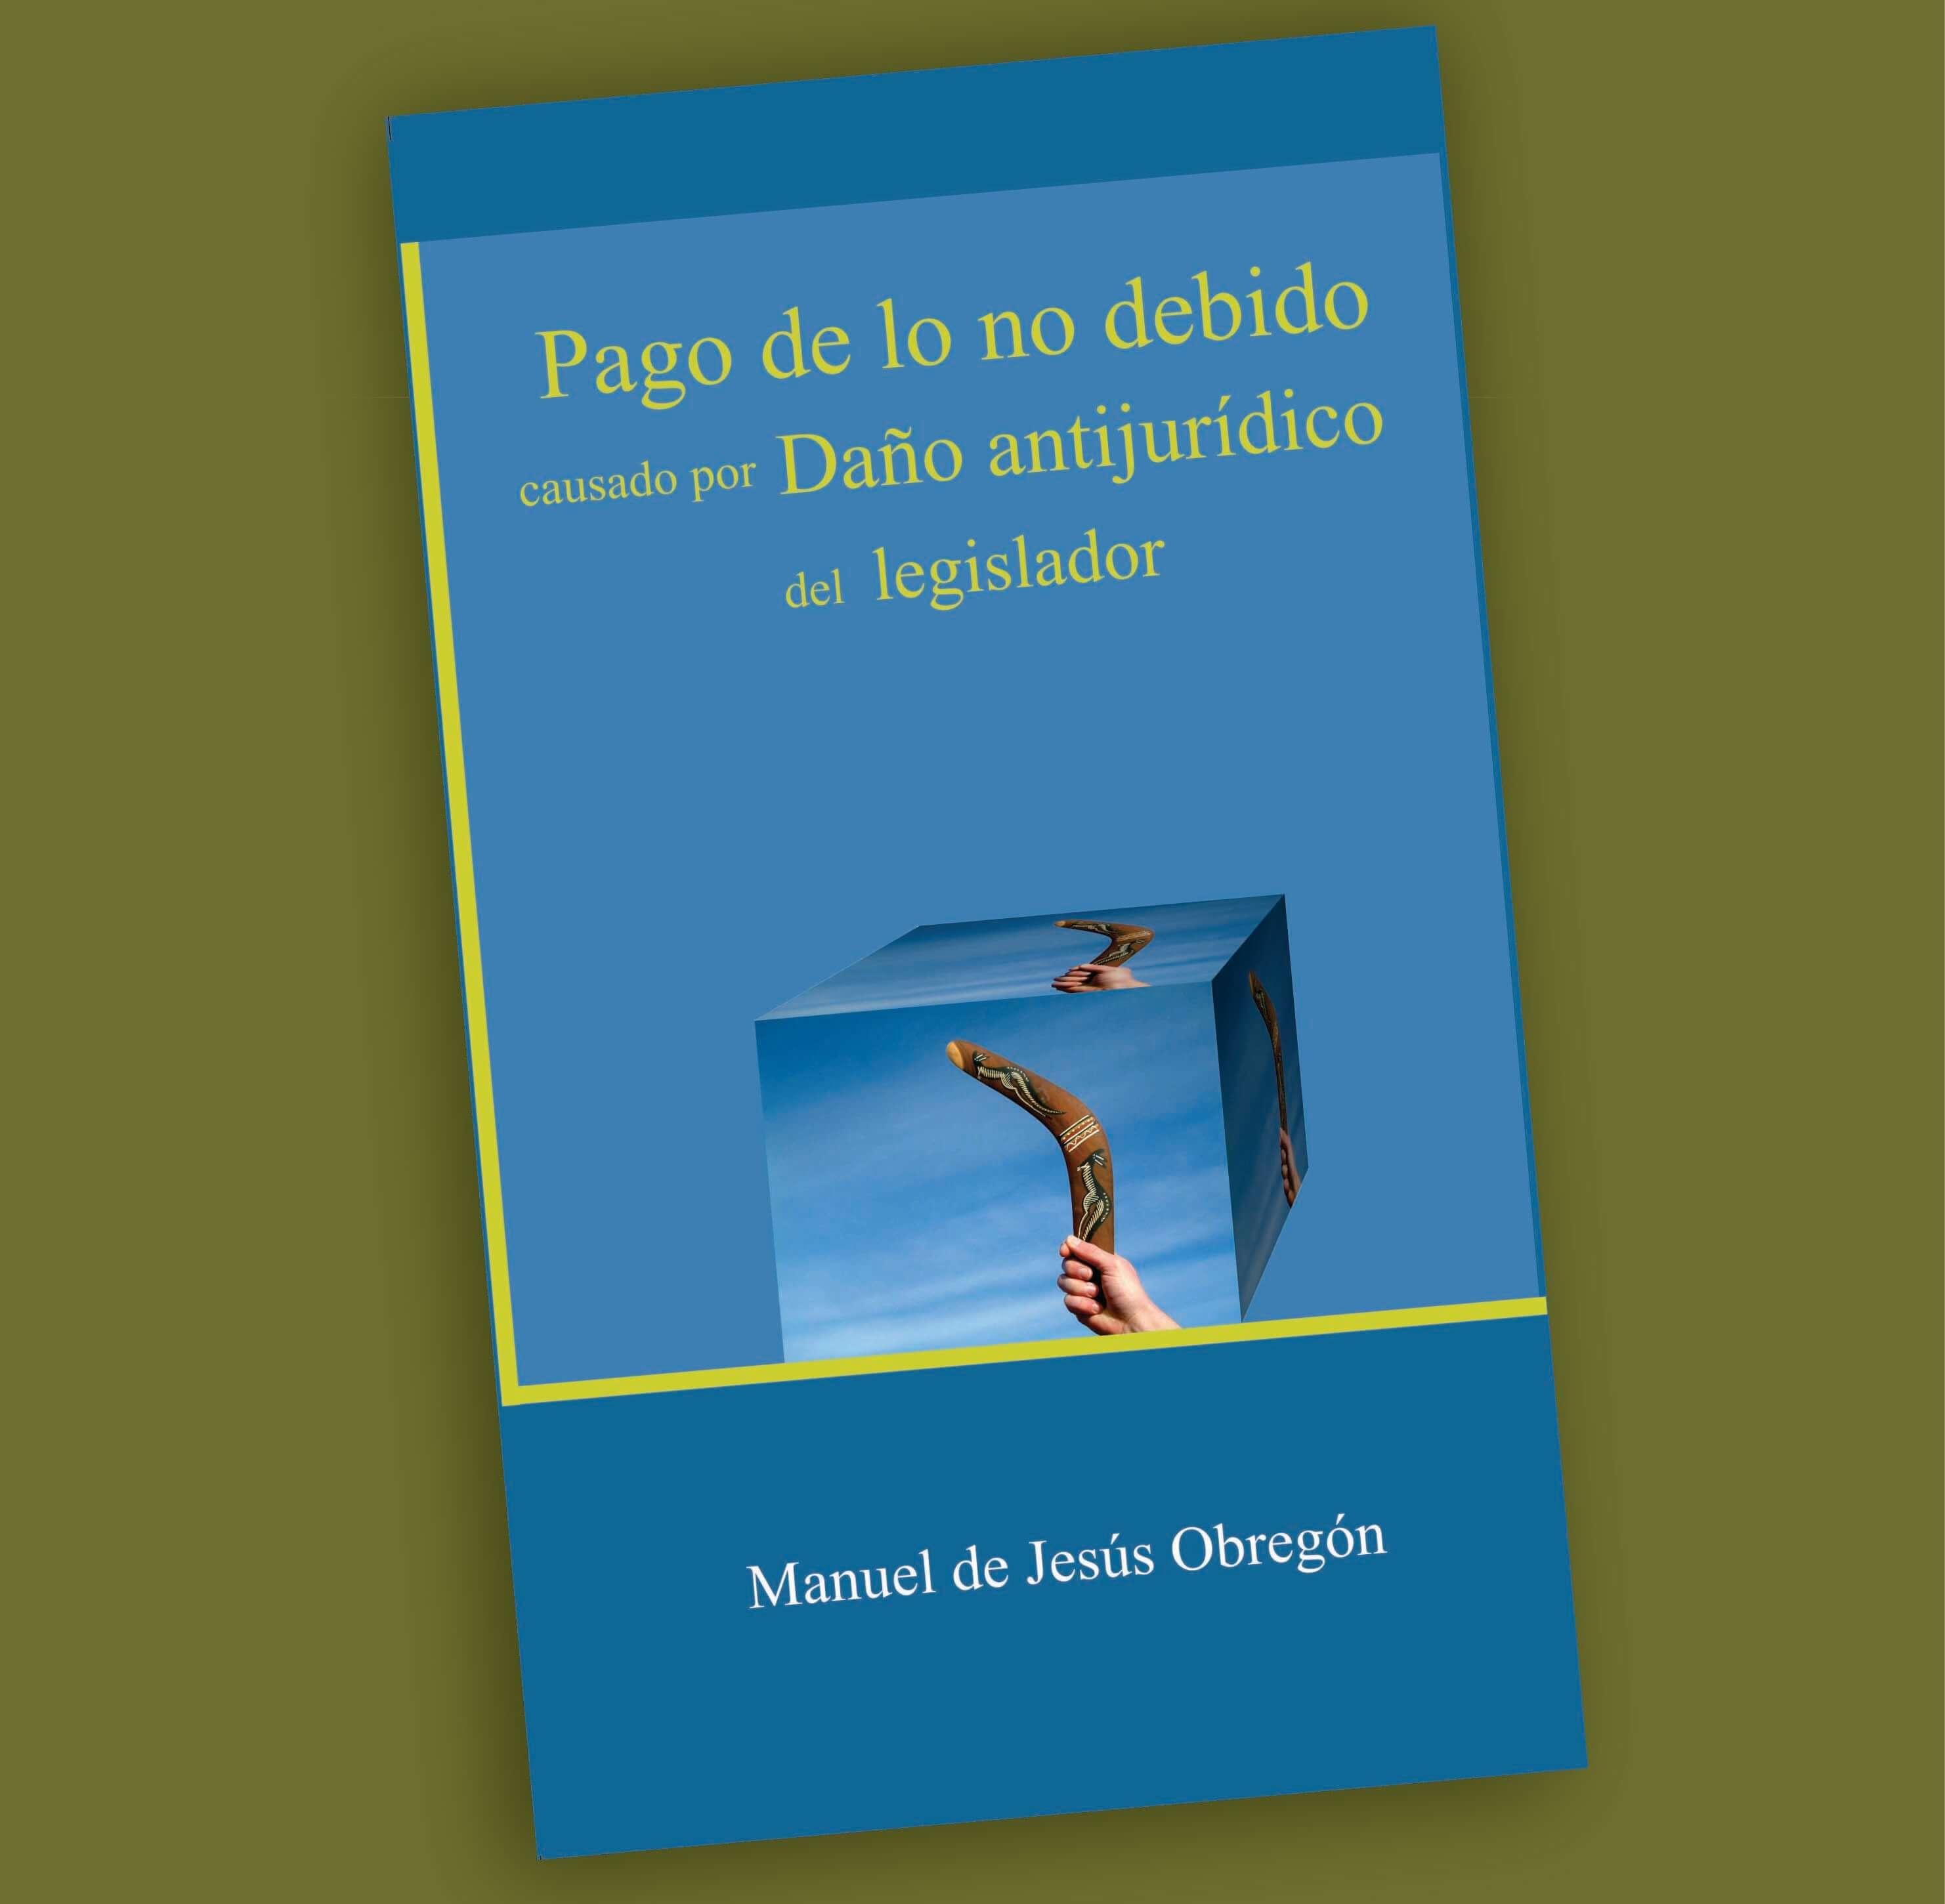 Pago de lo no debido causado por Daño antijurídico del legislador-Manuel de Jesús Obregón